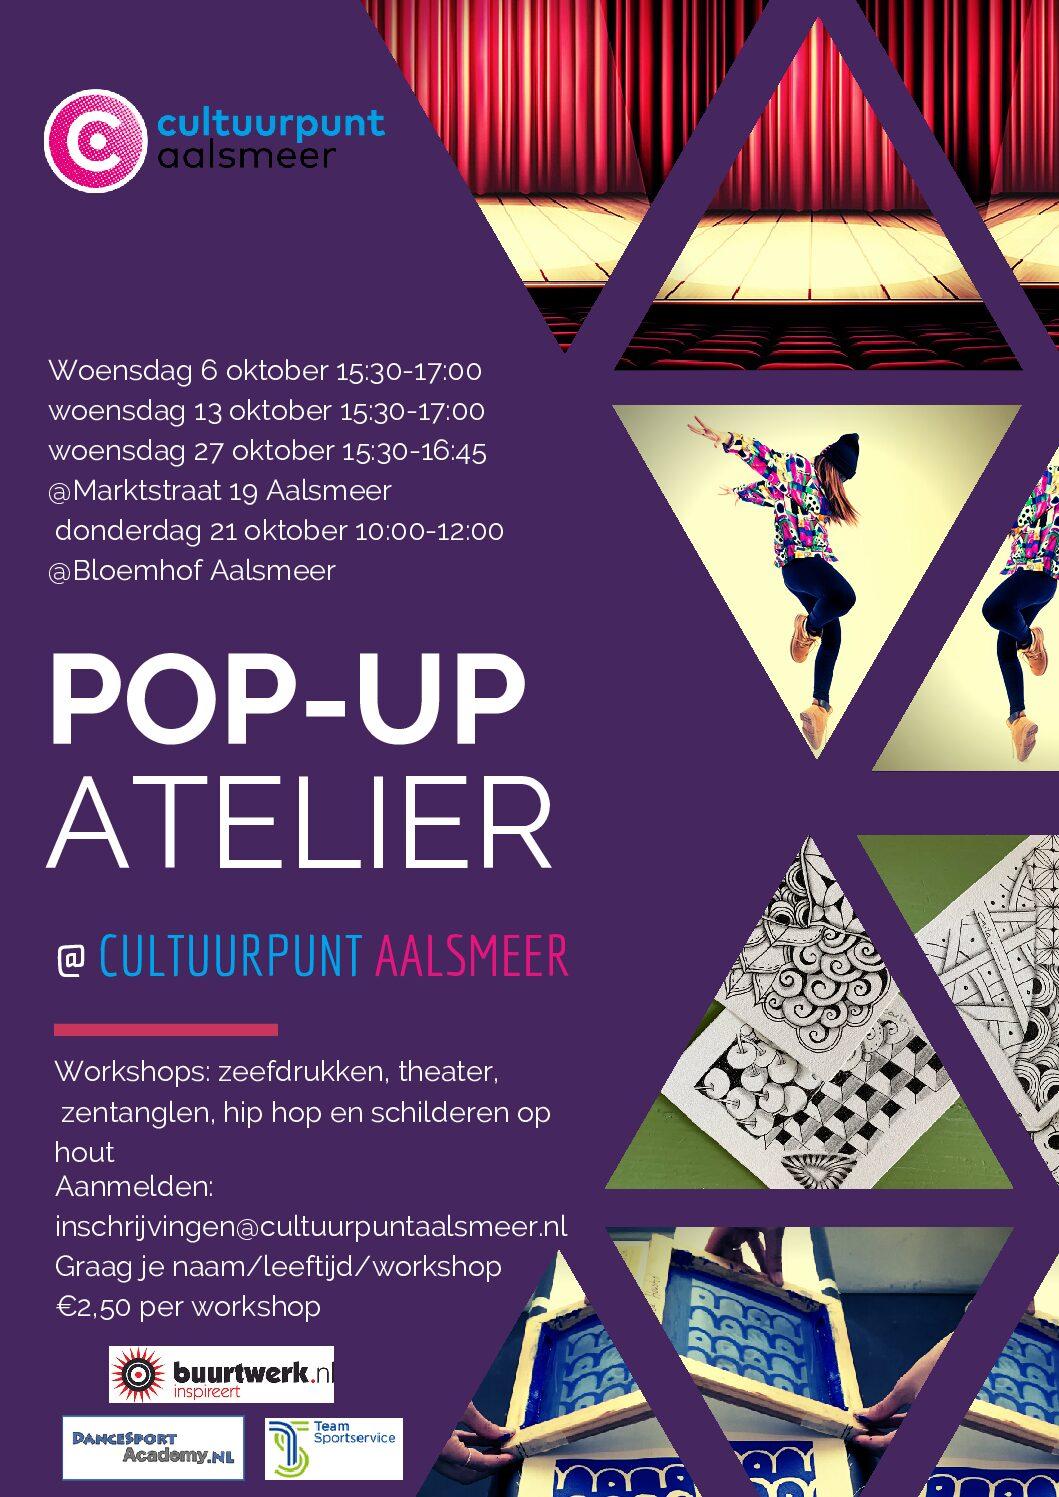 pop up atelier flyer met plaatje zentangle